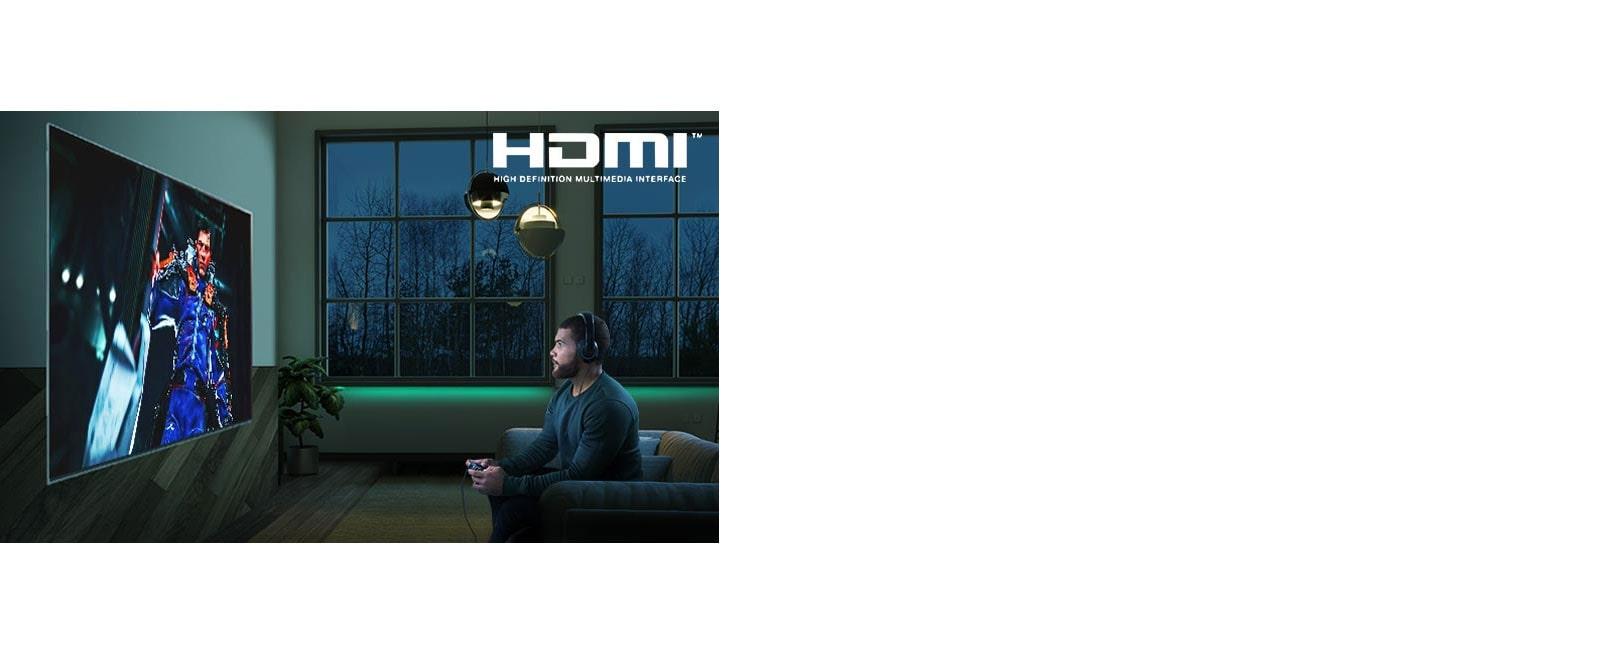 Người đàn ông ngồi trên ghế sofa, cầm cần điều khiển trong khi chơi game RPG trên màn hình TV